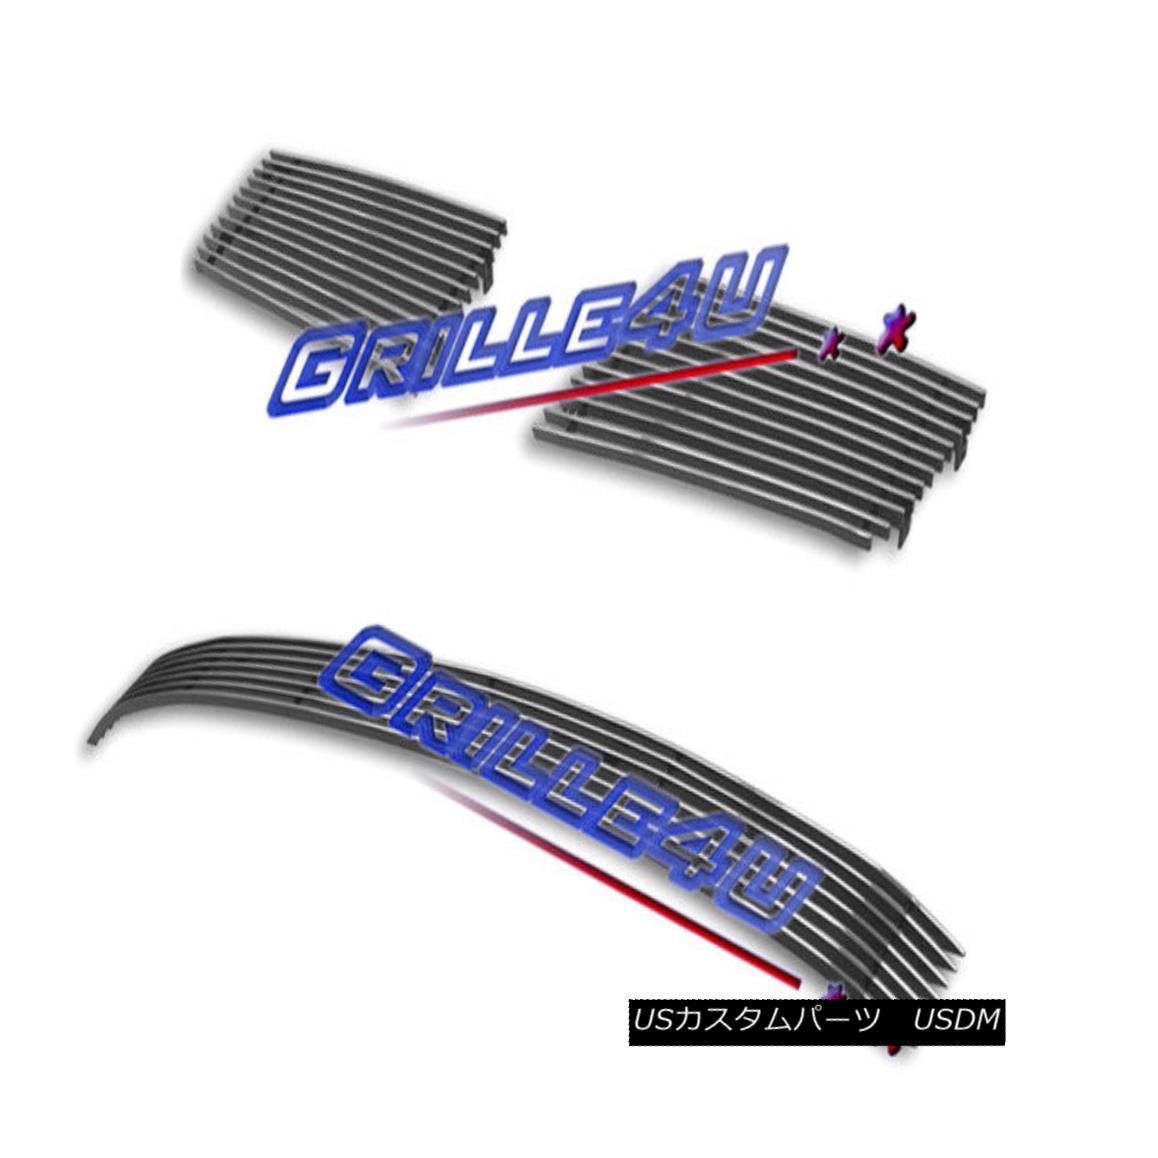 グリル Customized For 2004-2006 Nissan Maxima Billet Premium Grille Combo Insert 日産マキシマビレットプレミアムグリルコンボインサート